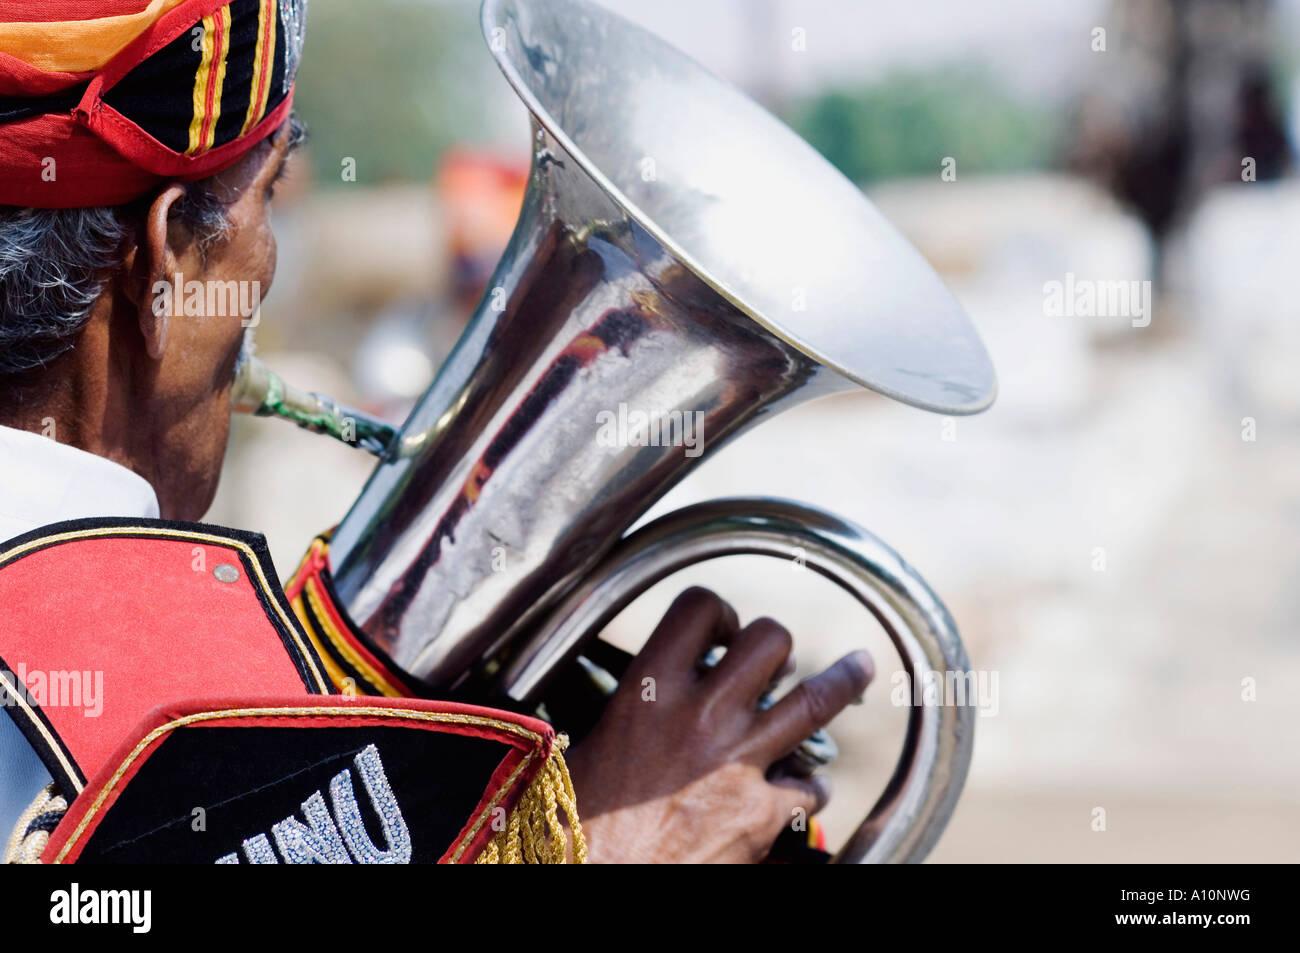 Vue arrière d'un homme jouant du tuba, Jaipur, Rajasthan, Inde Photo Stock